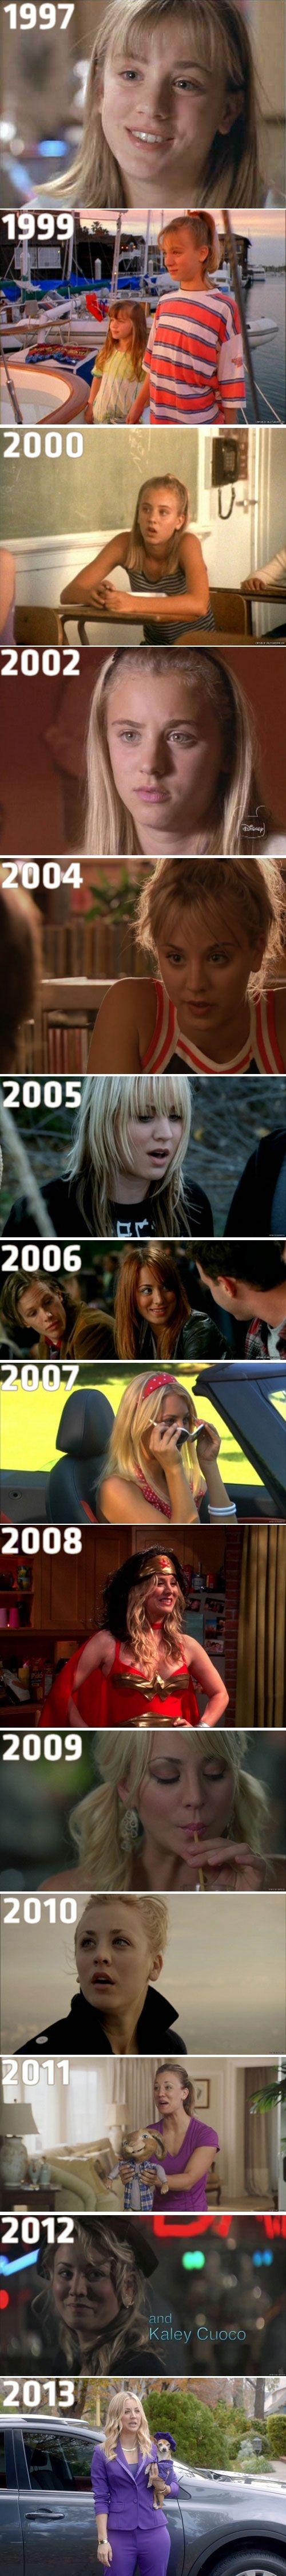 Kaley Cuoco Evolution. La protagonista femenina de Big Bang a través de los años.